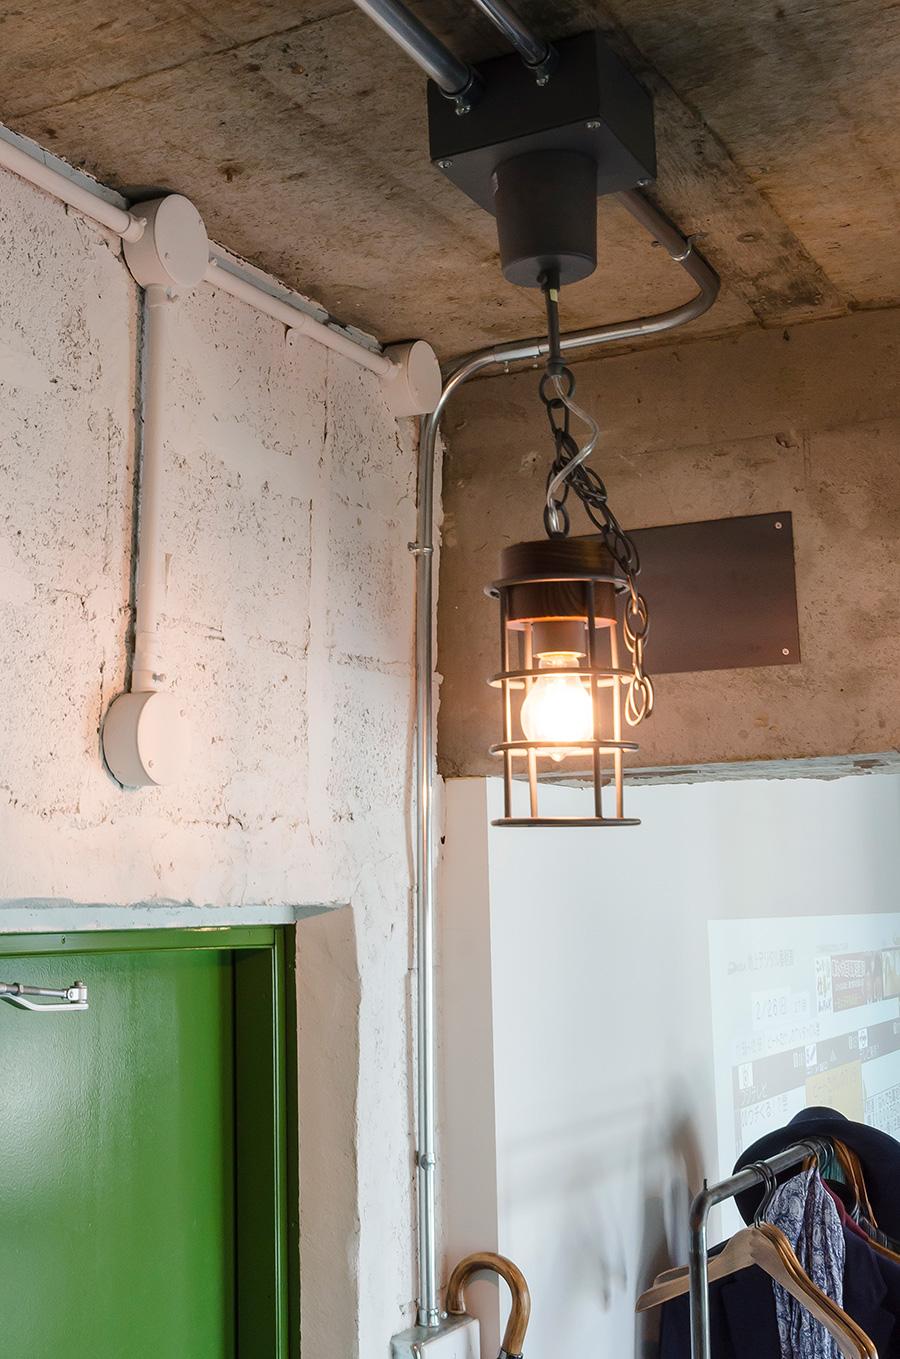 「ACME Furniture」で購入した玄関照明。